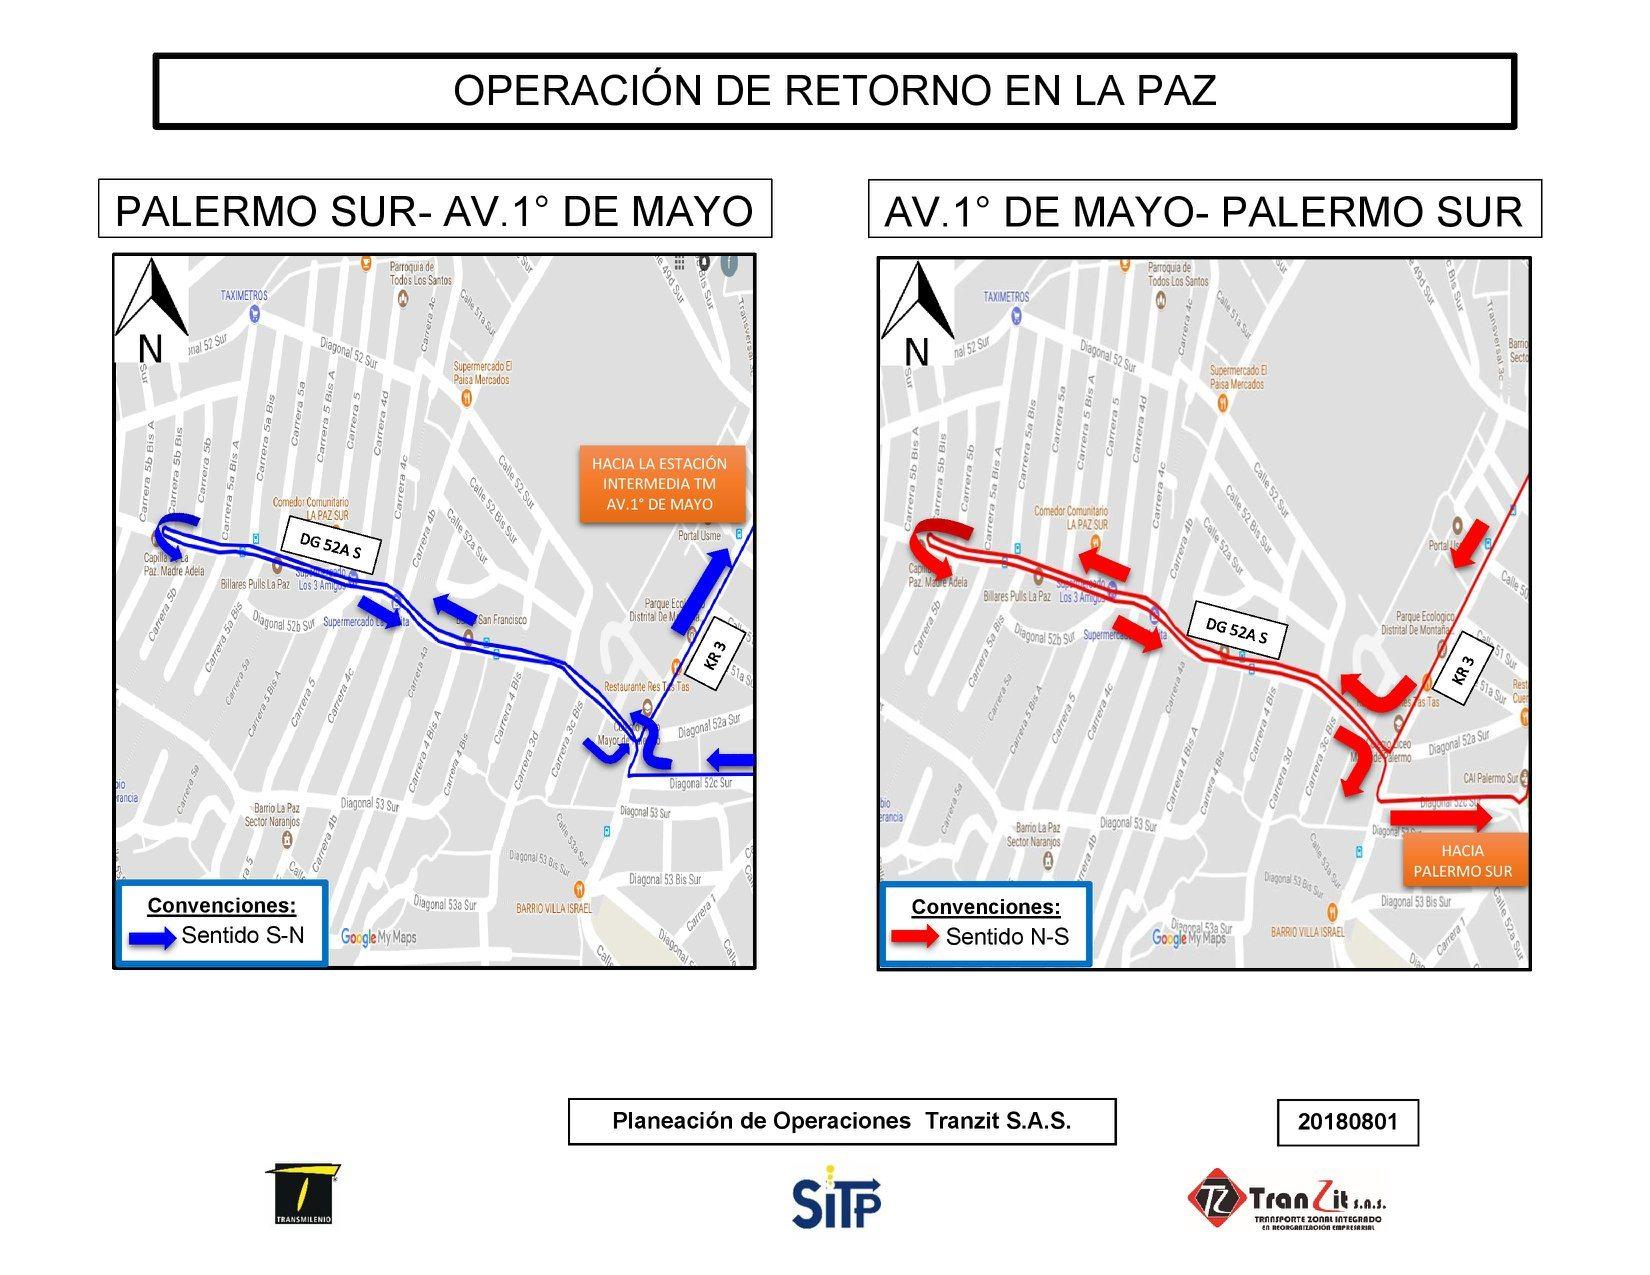 Operación de retorno en La Paz